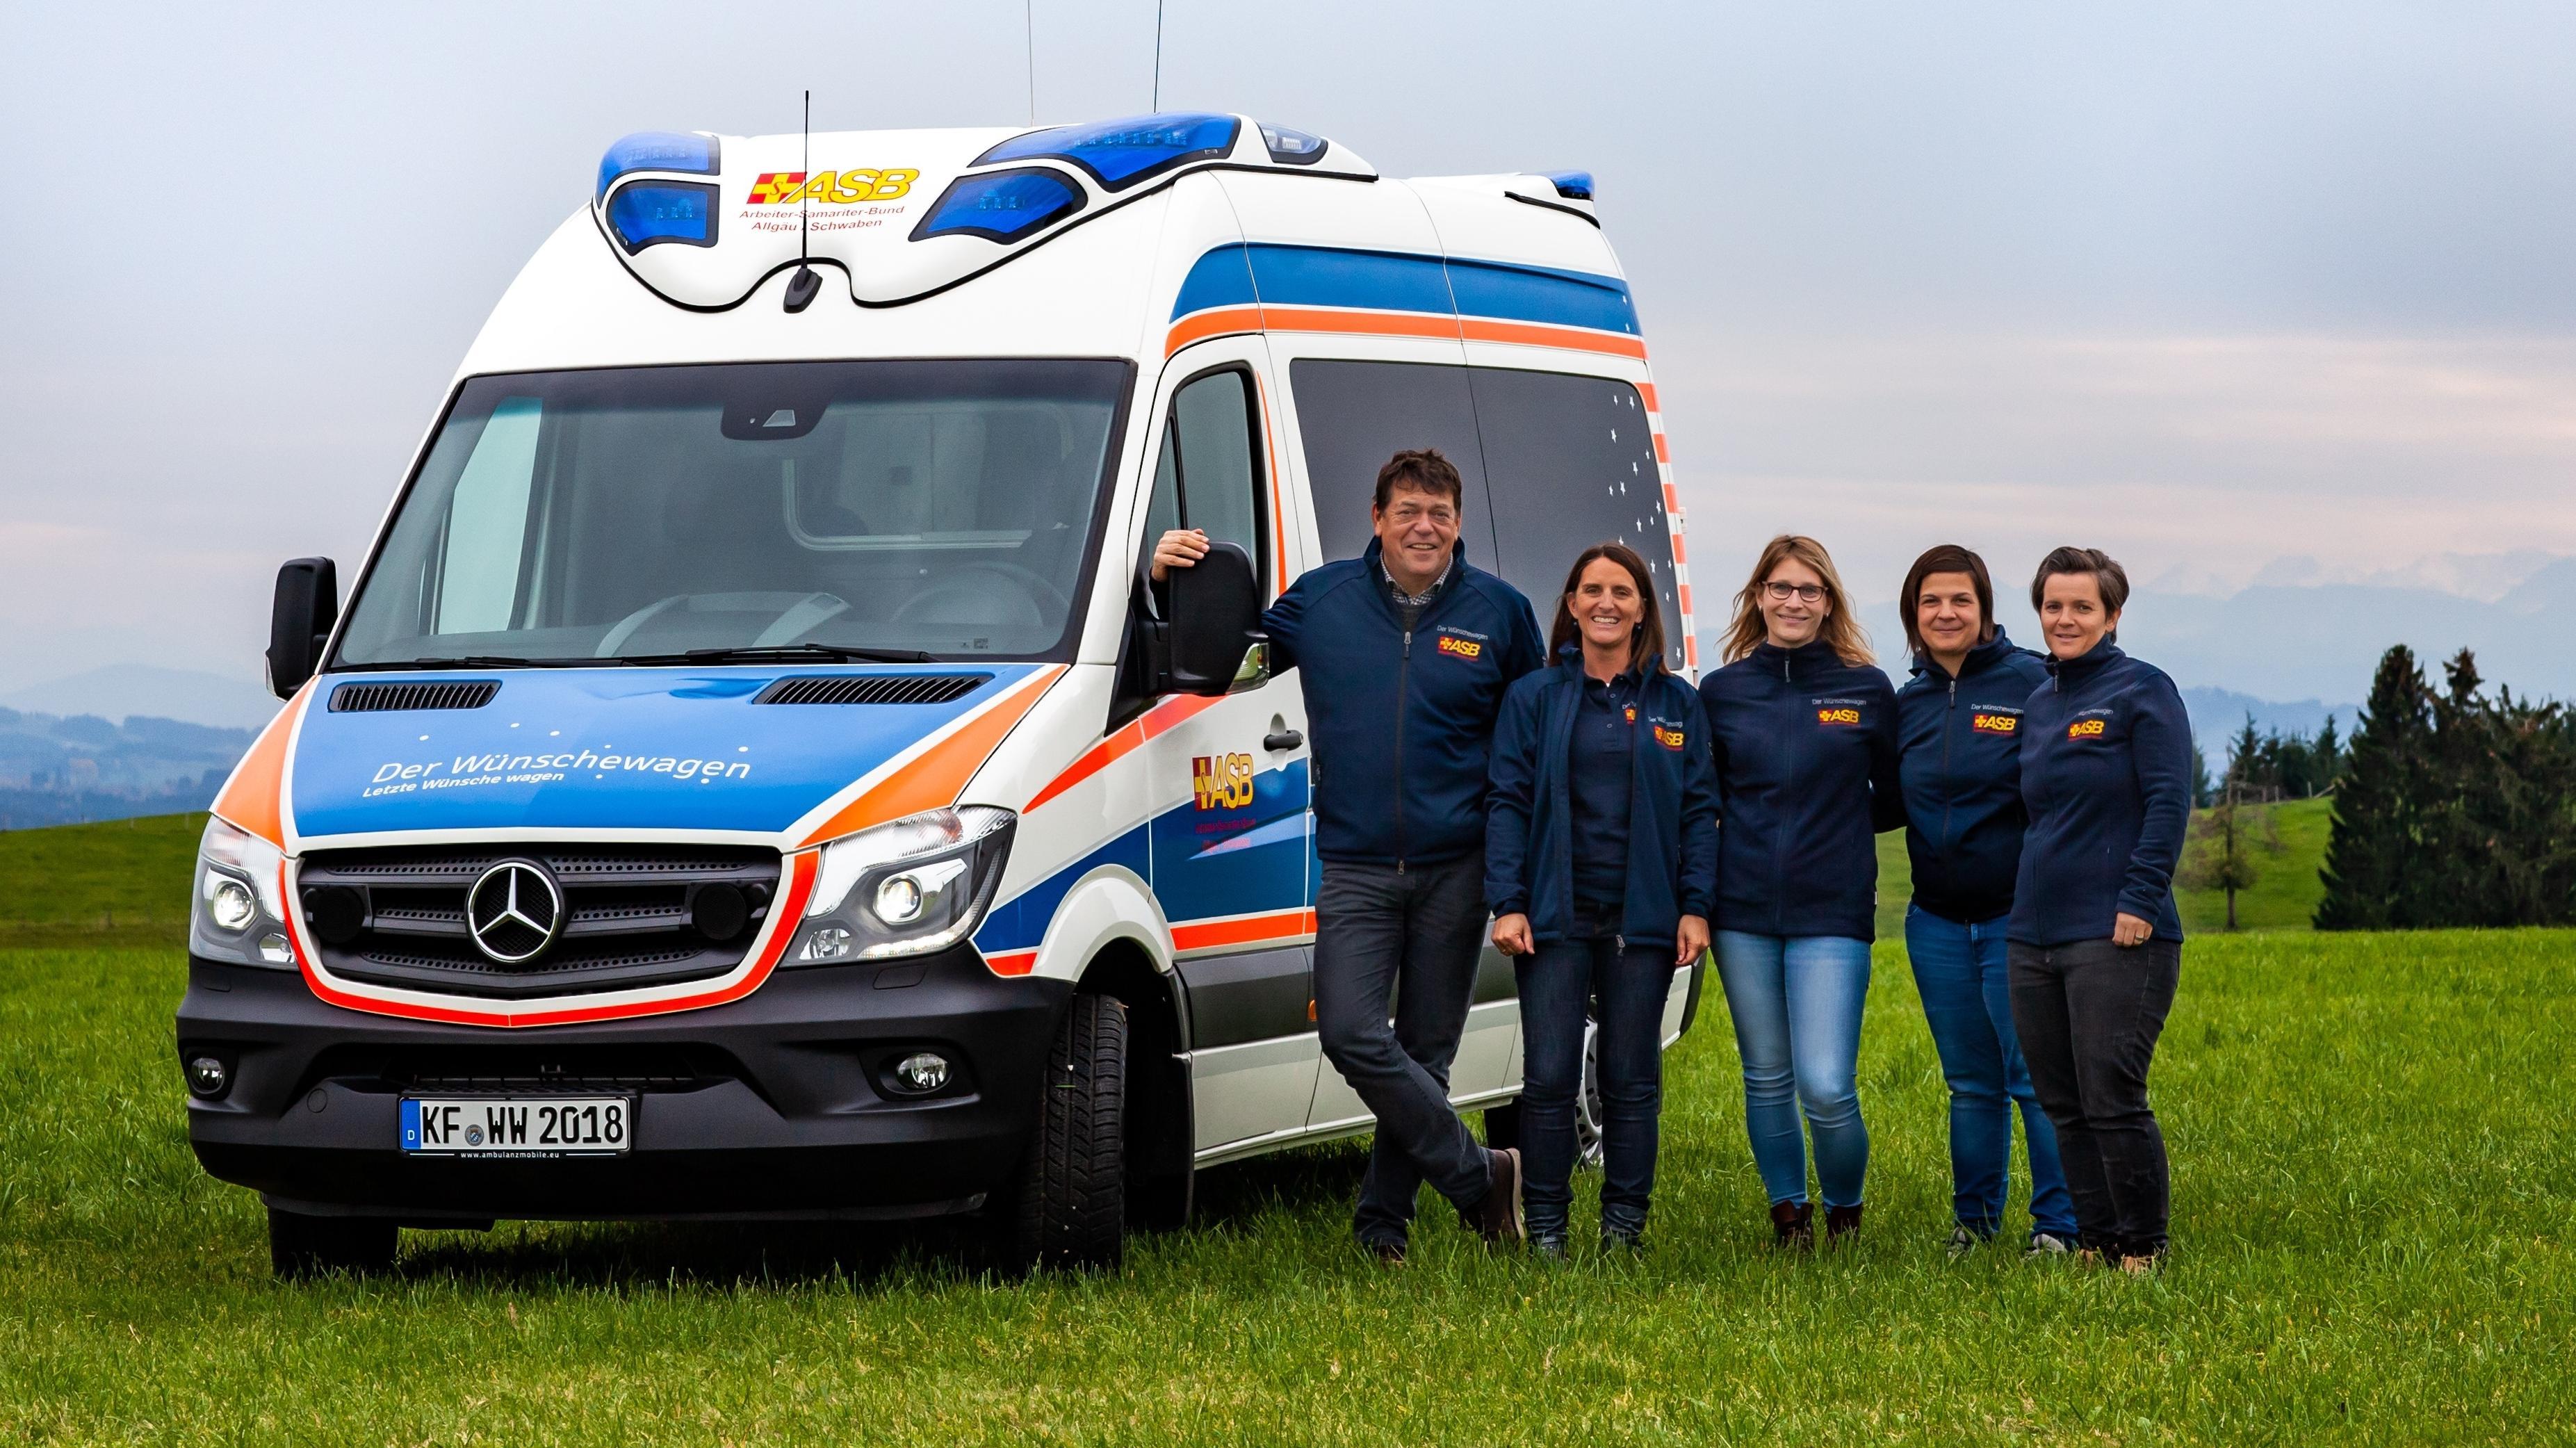 Der umgebaute Krankentransporter mit Helfern